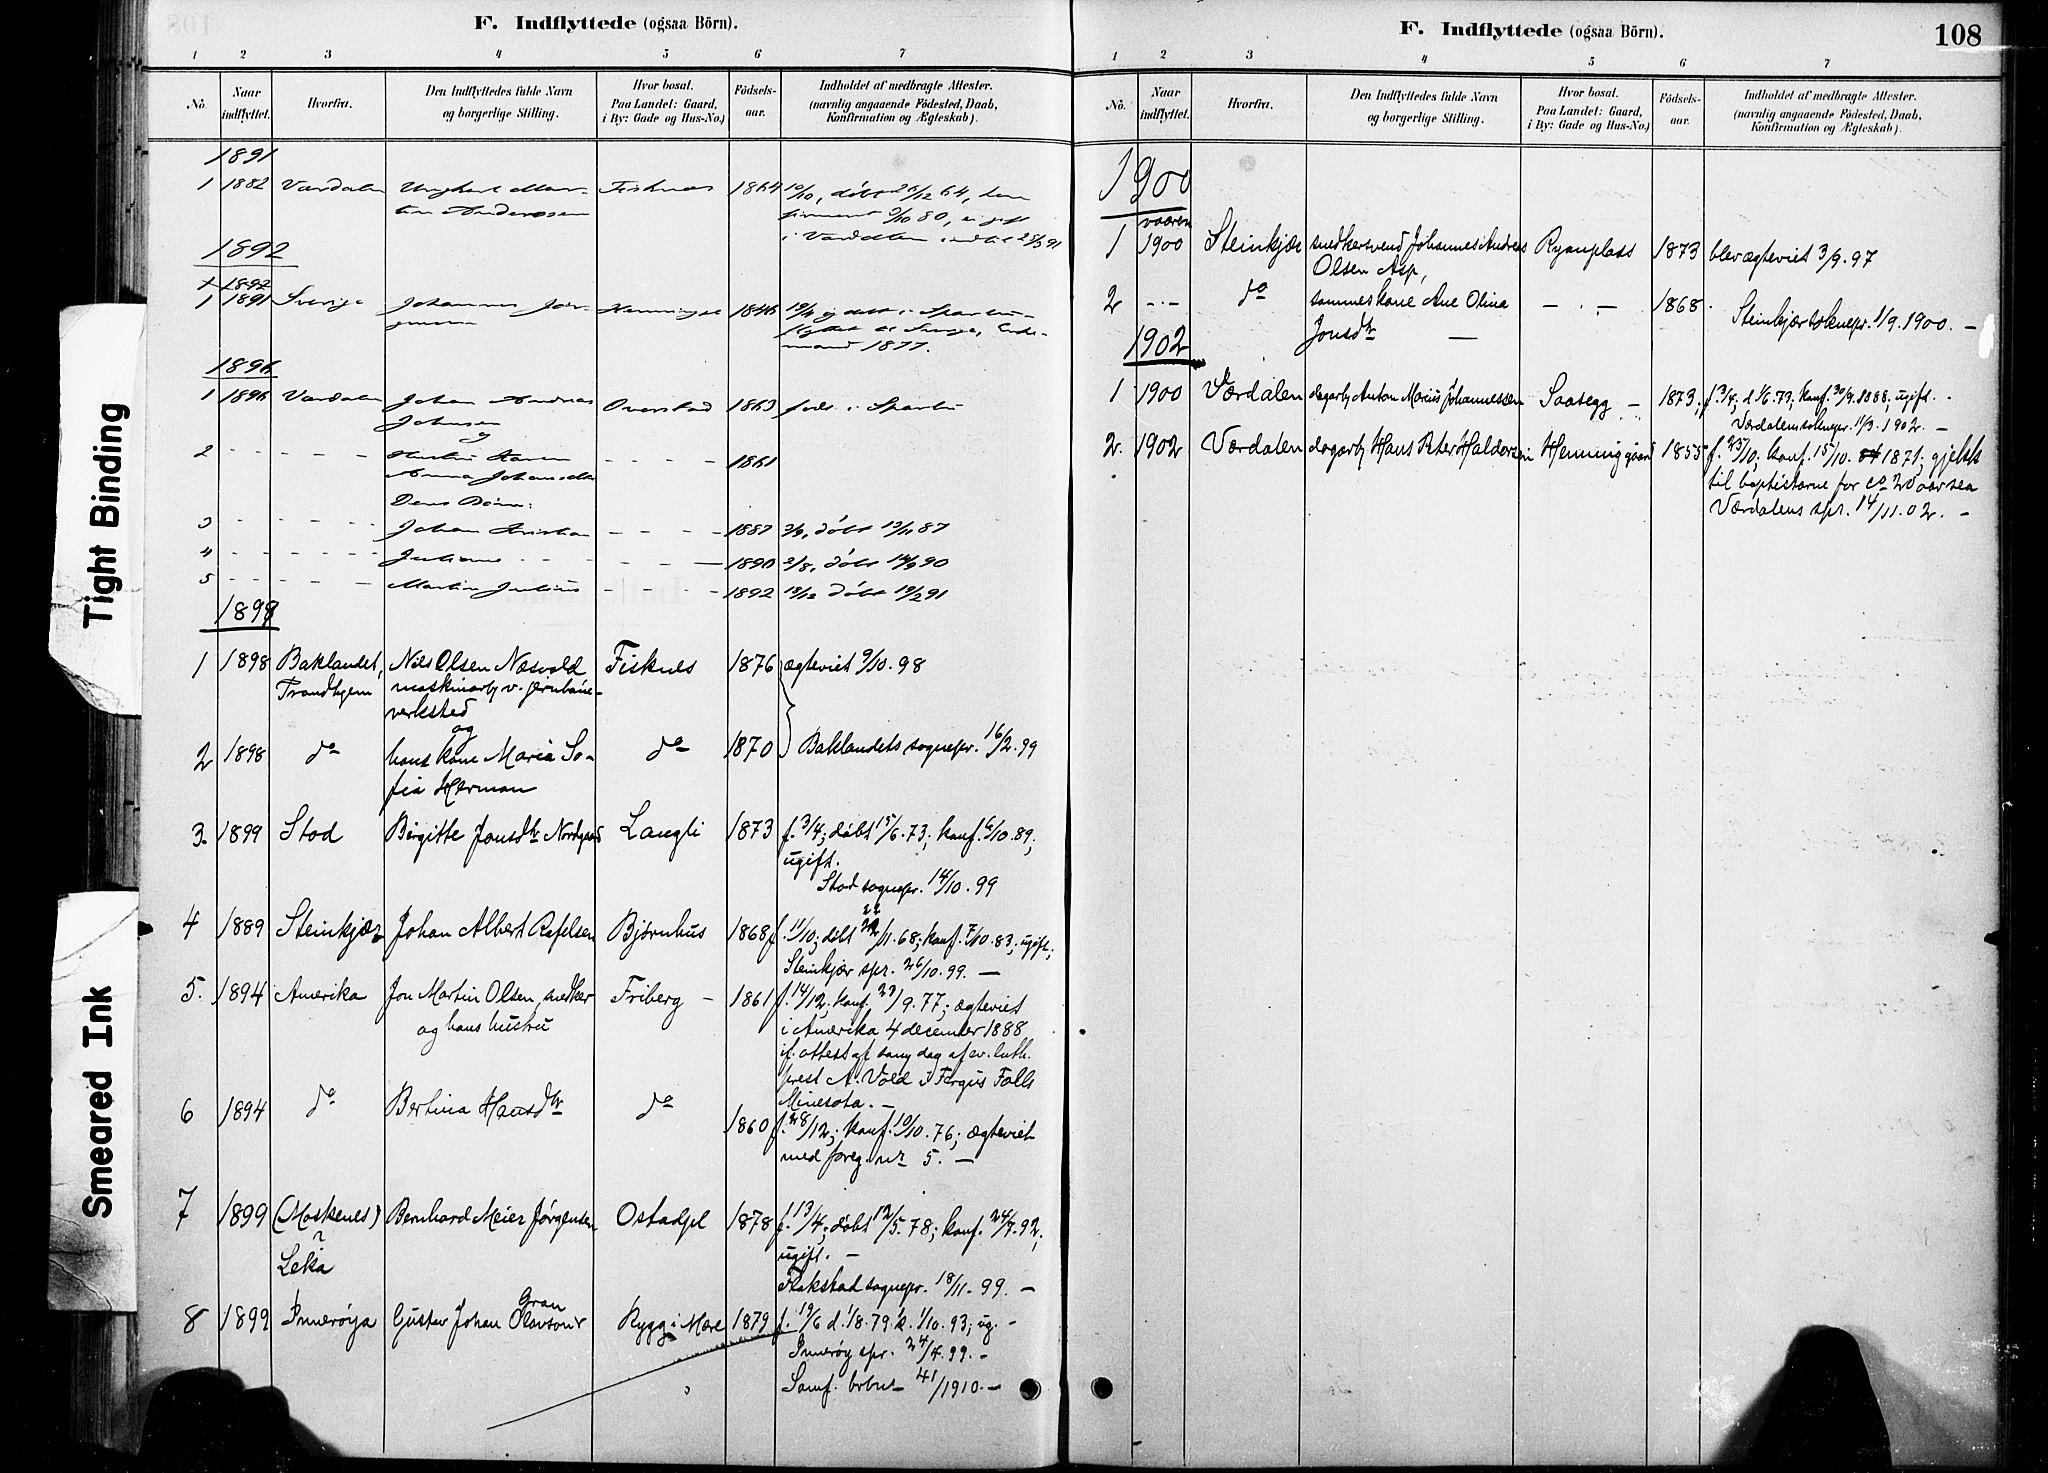 SAT, Ministerialprotokoller, klokkerbøker og fødselsregistre - Nord-Trøndelag, 738/L0364: Ministerialbok nr. 738A01, 1884-1902, s. 108